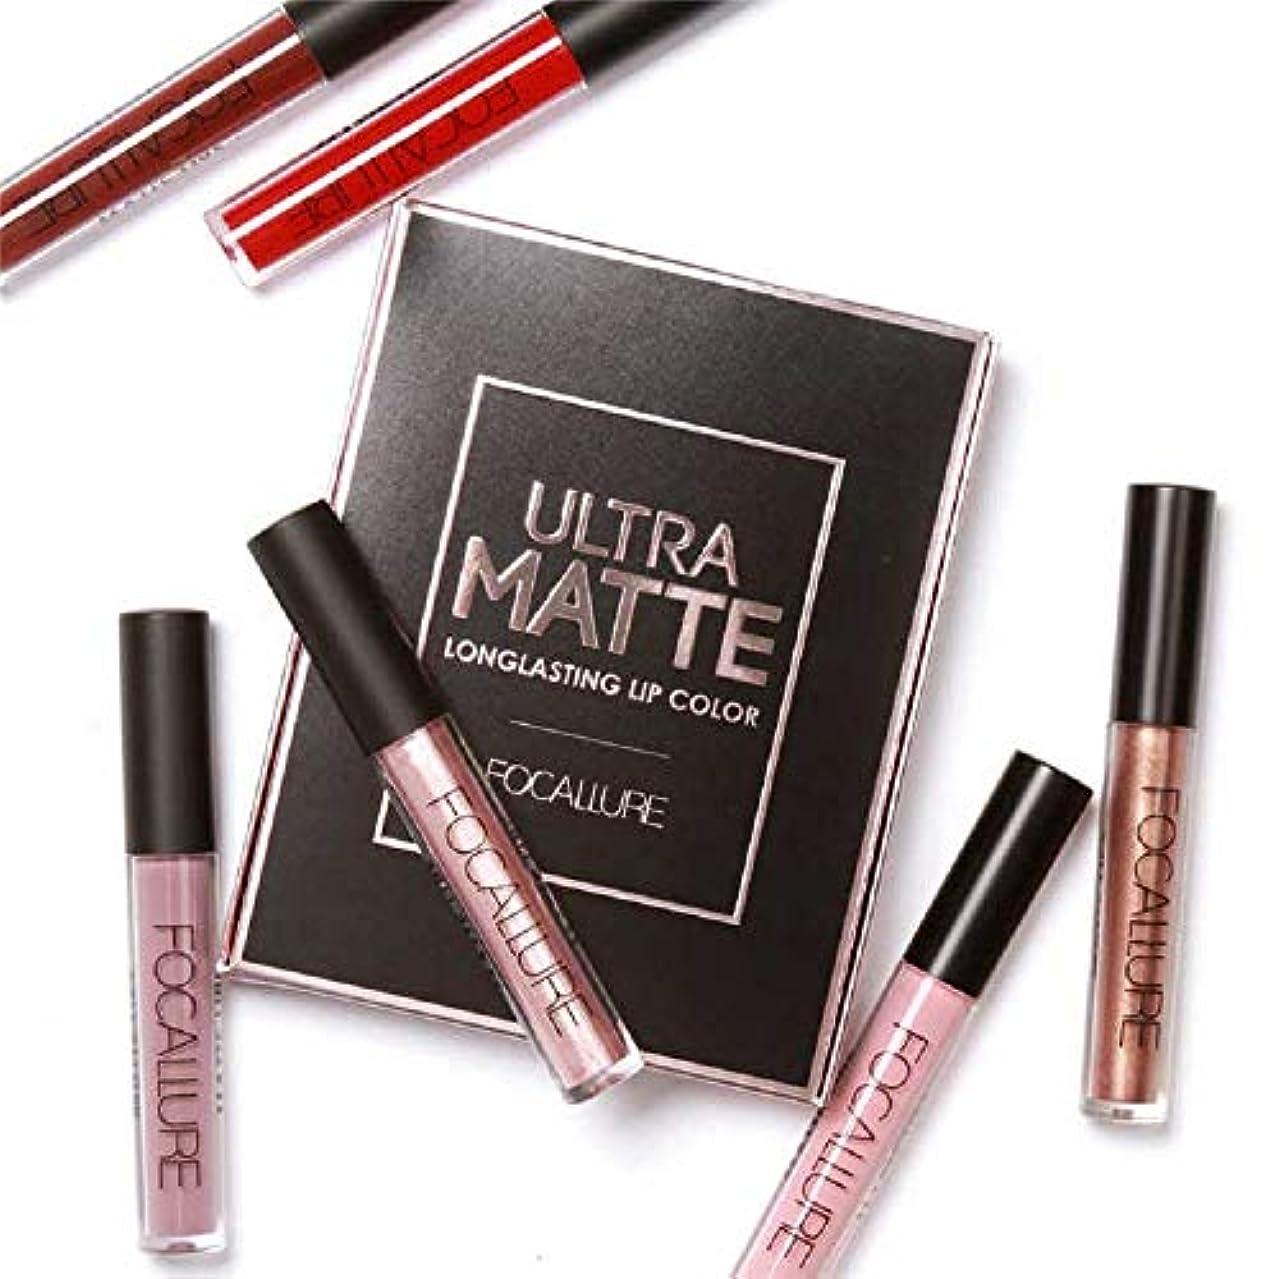 ミルク海港ますます3Pcs/Set Long-lasting Lip Colors Makeup Waterproof Tint Lip Gloss Red Velvet Ultra Nude Matte Lipstick Set リップカラーメーキャップ防水色合いリップグロスレッドベルベットウルトラヌードマットリップスティックセット (02)